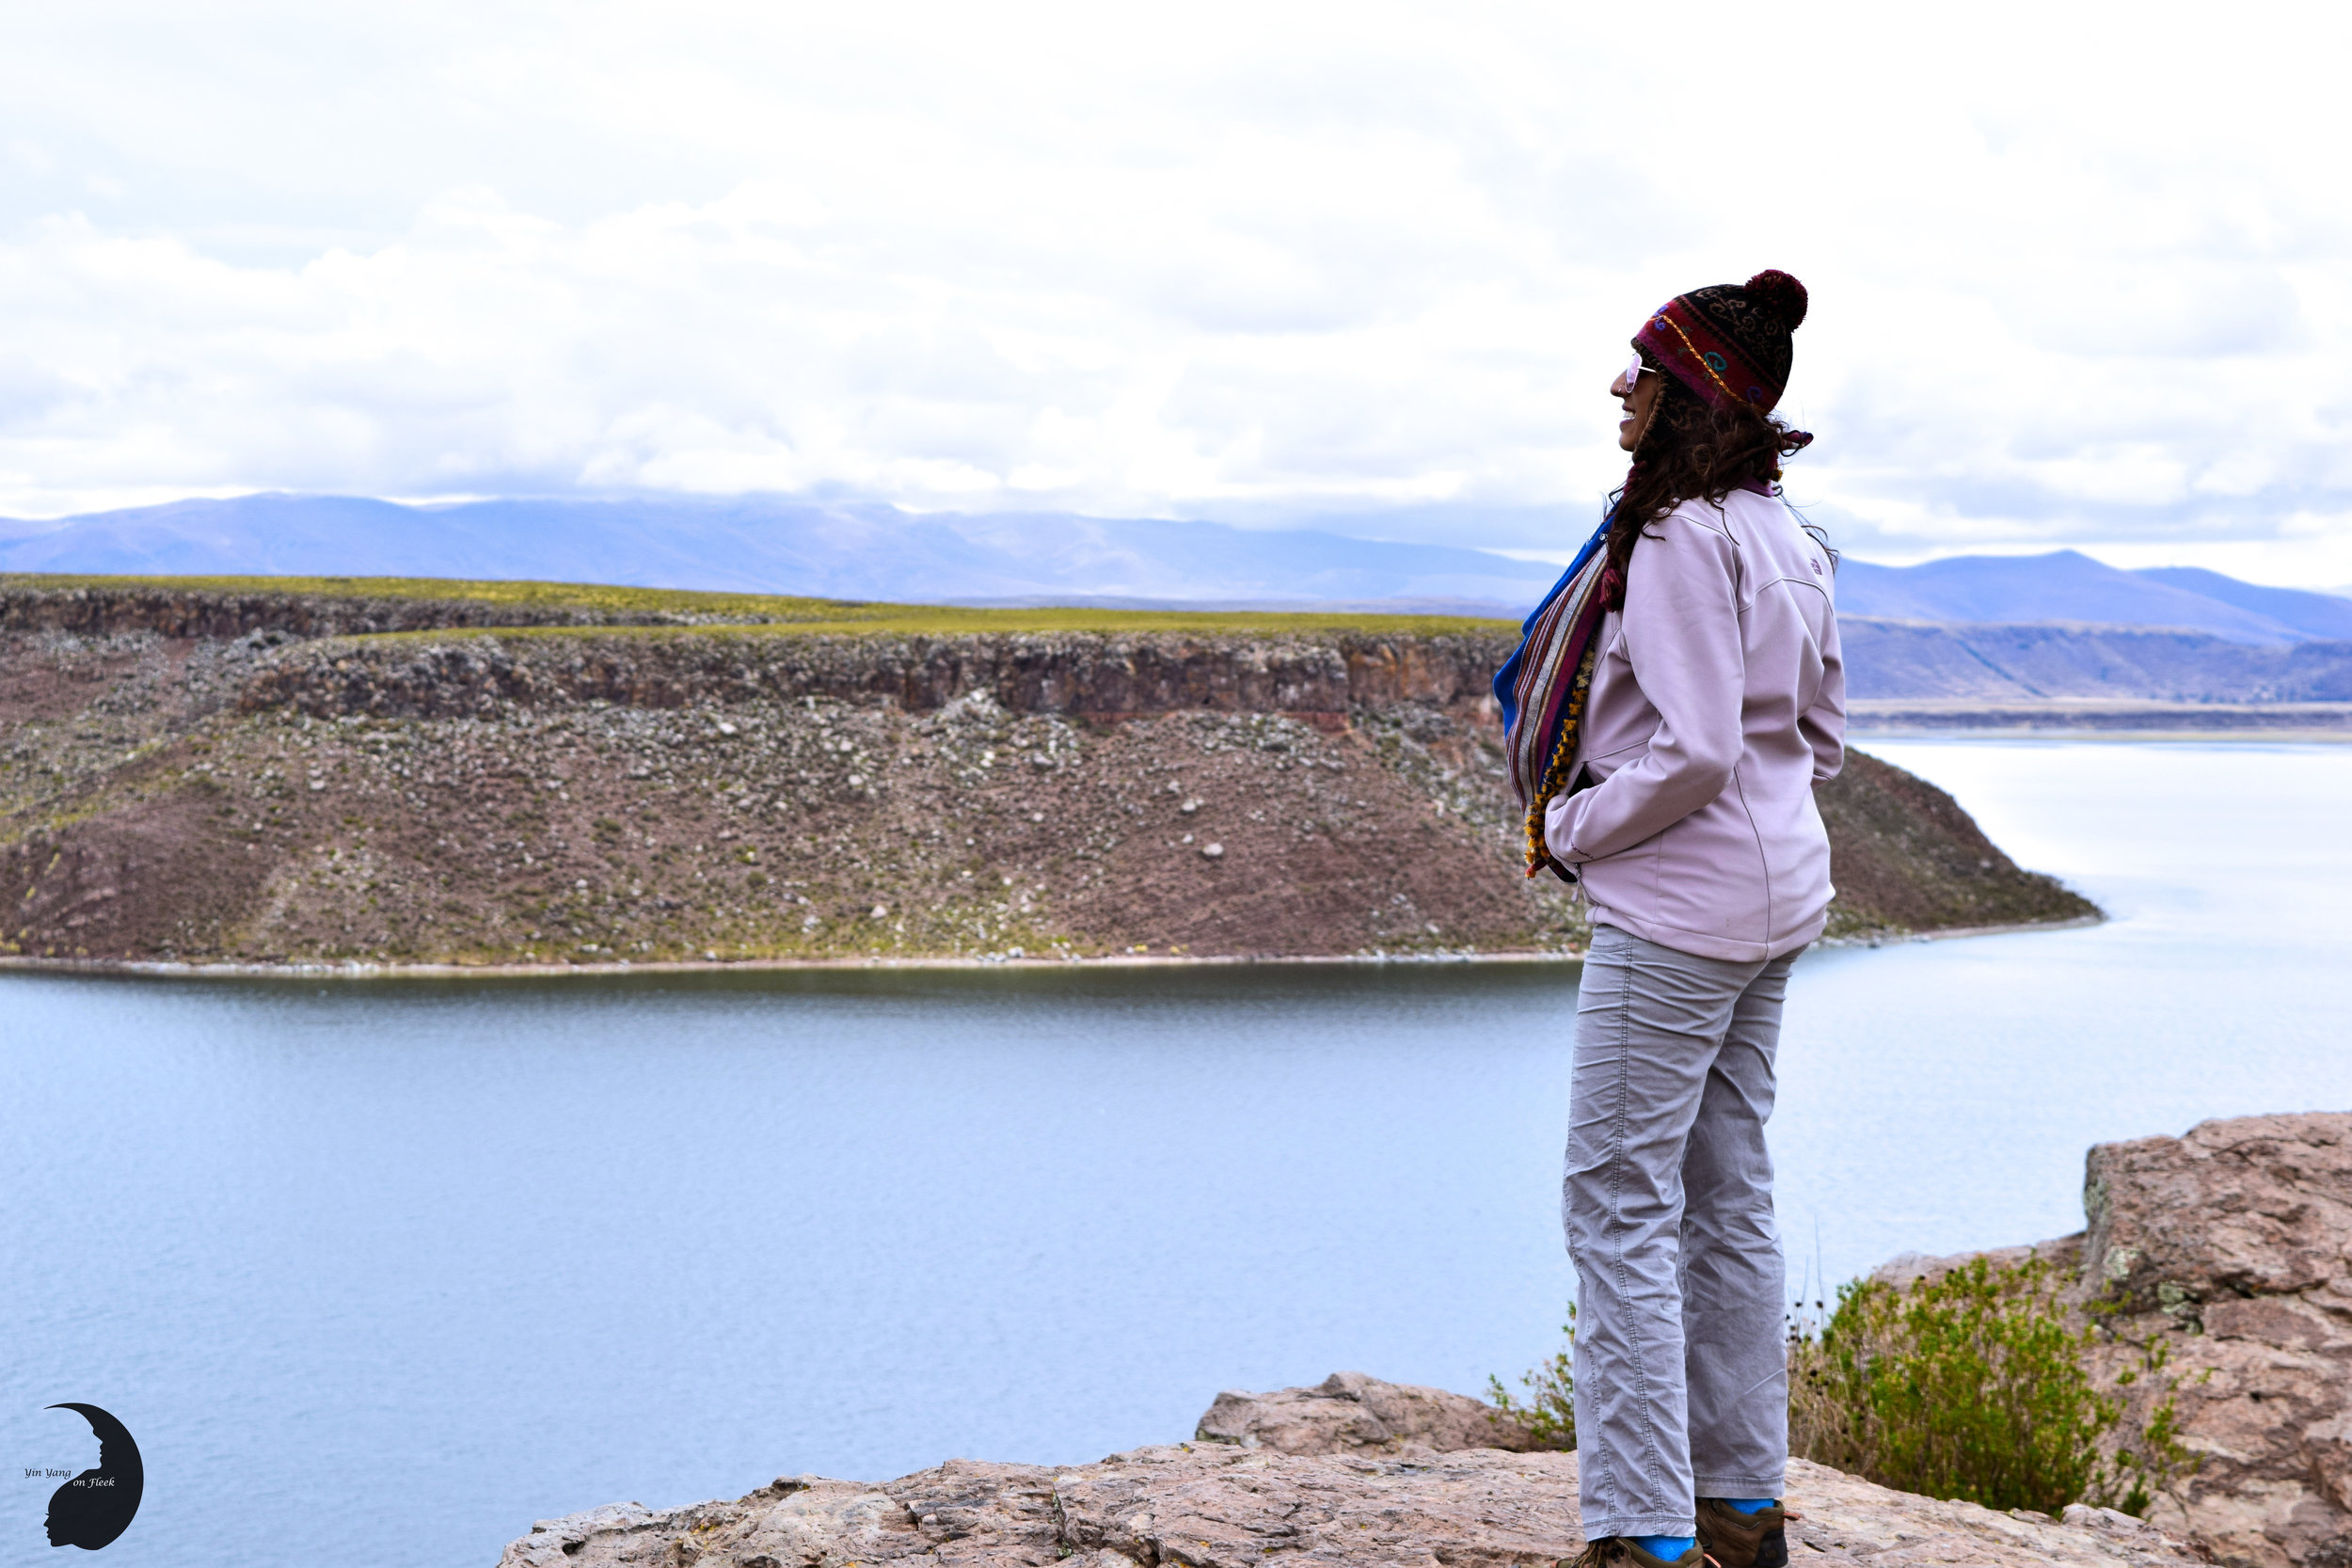 Sillustani, Lake Umayo, Puno